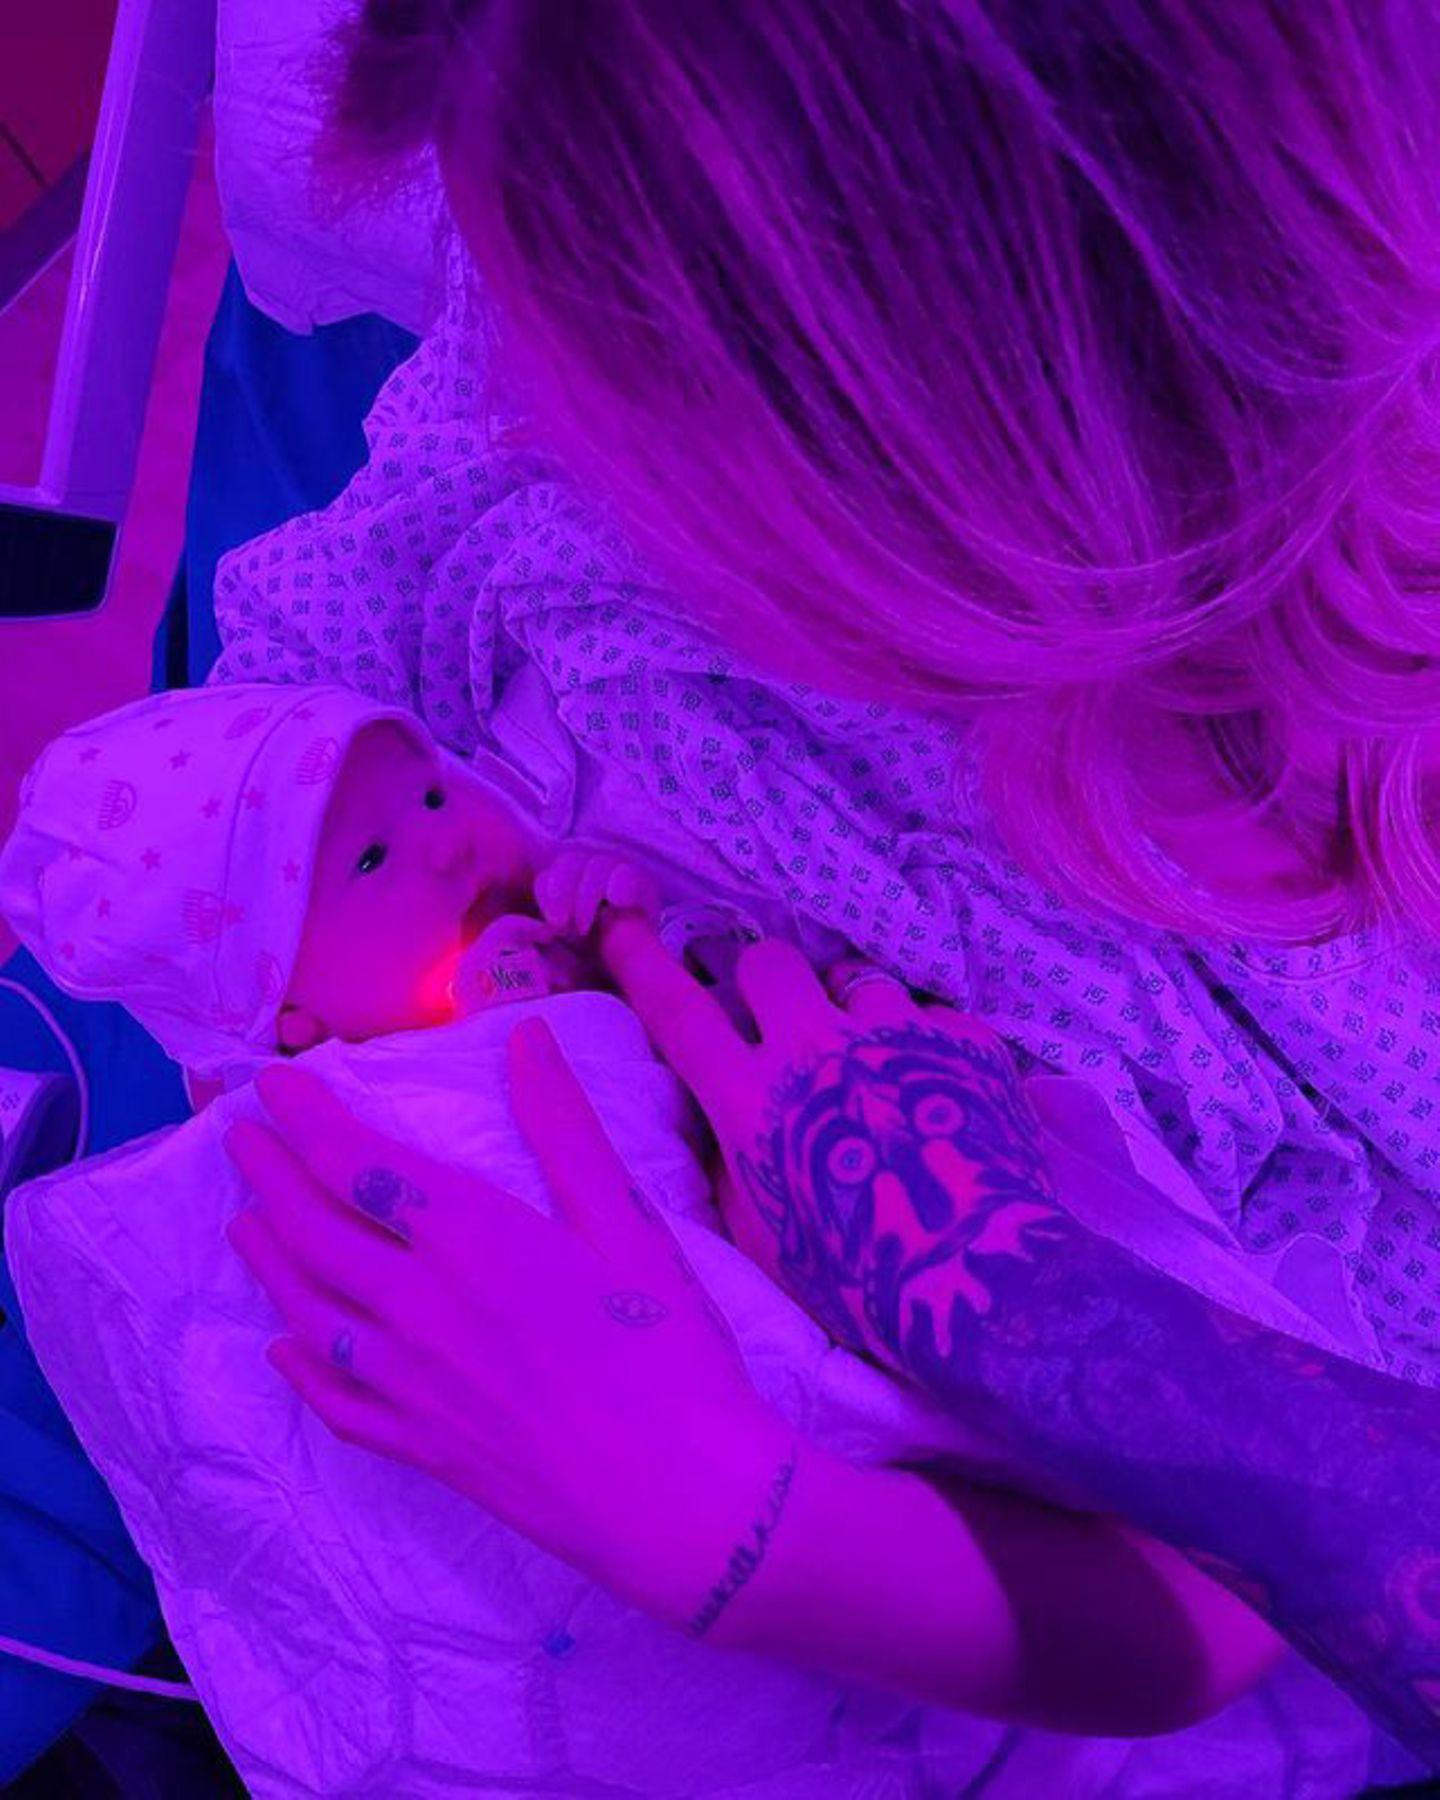 23. März 2021  Chiara Ferragni ist zum zweiten Mal Mutter geworden. Zusammen mit Rapper Fedez hat sie bereits einen zweijährigen Sohn, Leone. Nun kürt Töchterchen Vittoria das junge Familienglück. Zur Freude ihrer Fans teilt die Star-Bloggerin kurz nach der Geburt ein erstes Foto der Kleinen auf Instagram.